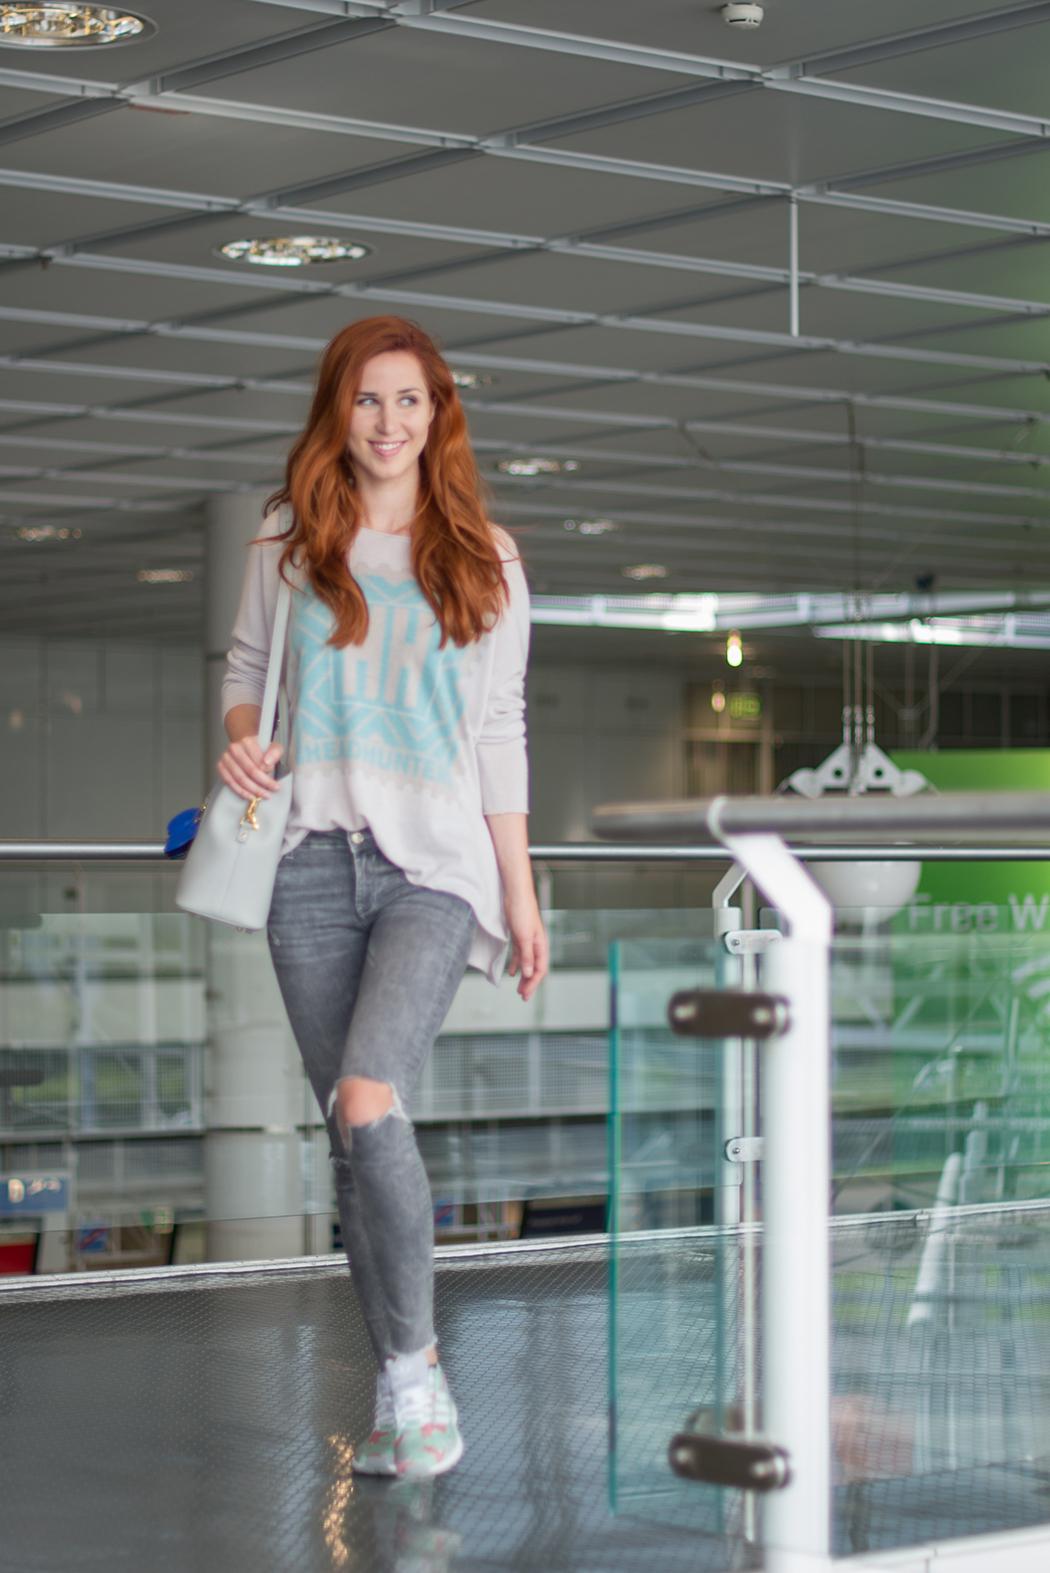 Headhunter-Pullover-ZXFlux-mint-orange-Fashionblog-Fashionblogger-München-Deutschland-Blog-Fashion-Lifestyle-Lifestyleblog-Fitnessblog-Fitness-Blog-Lindarella-4